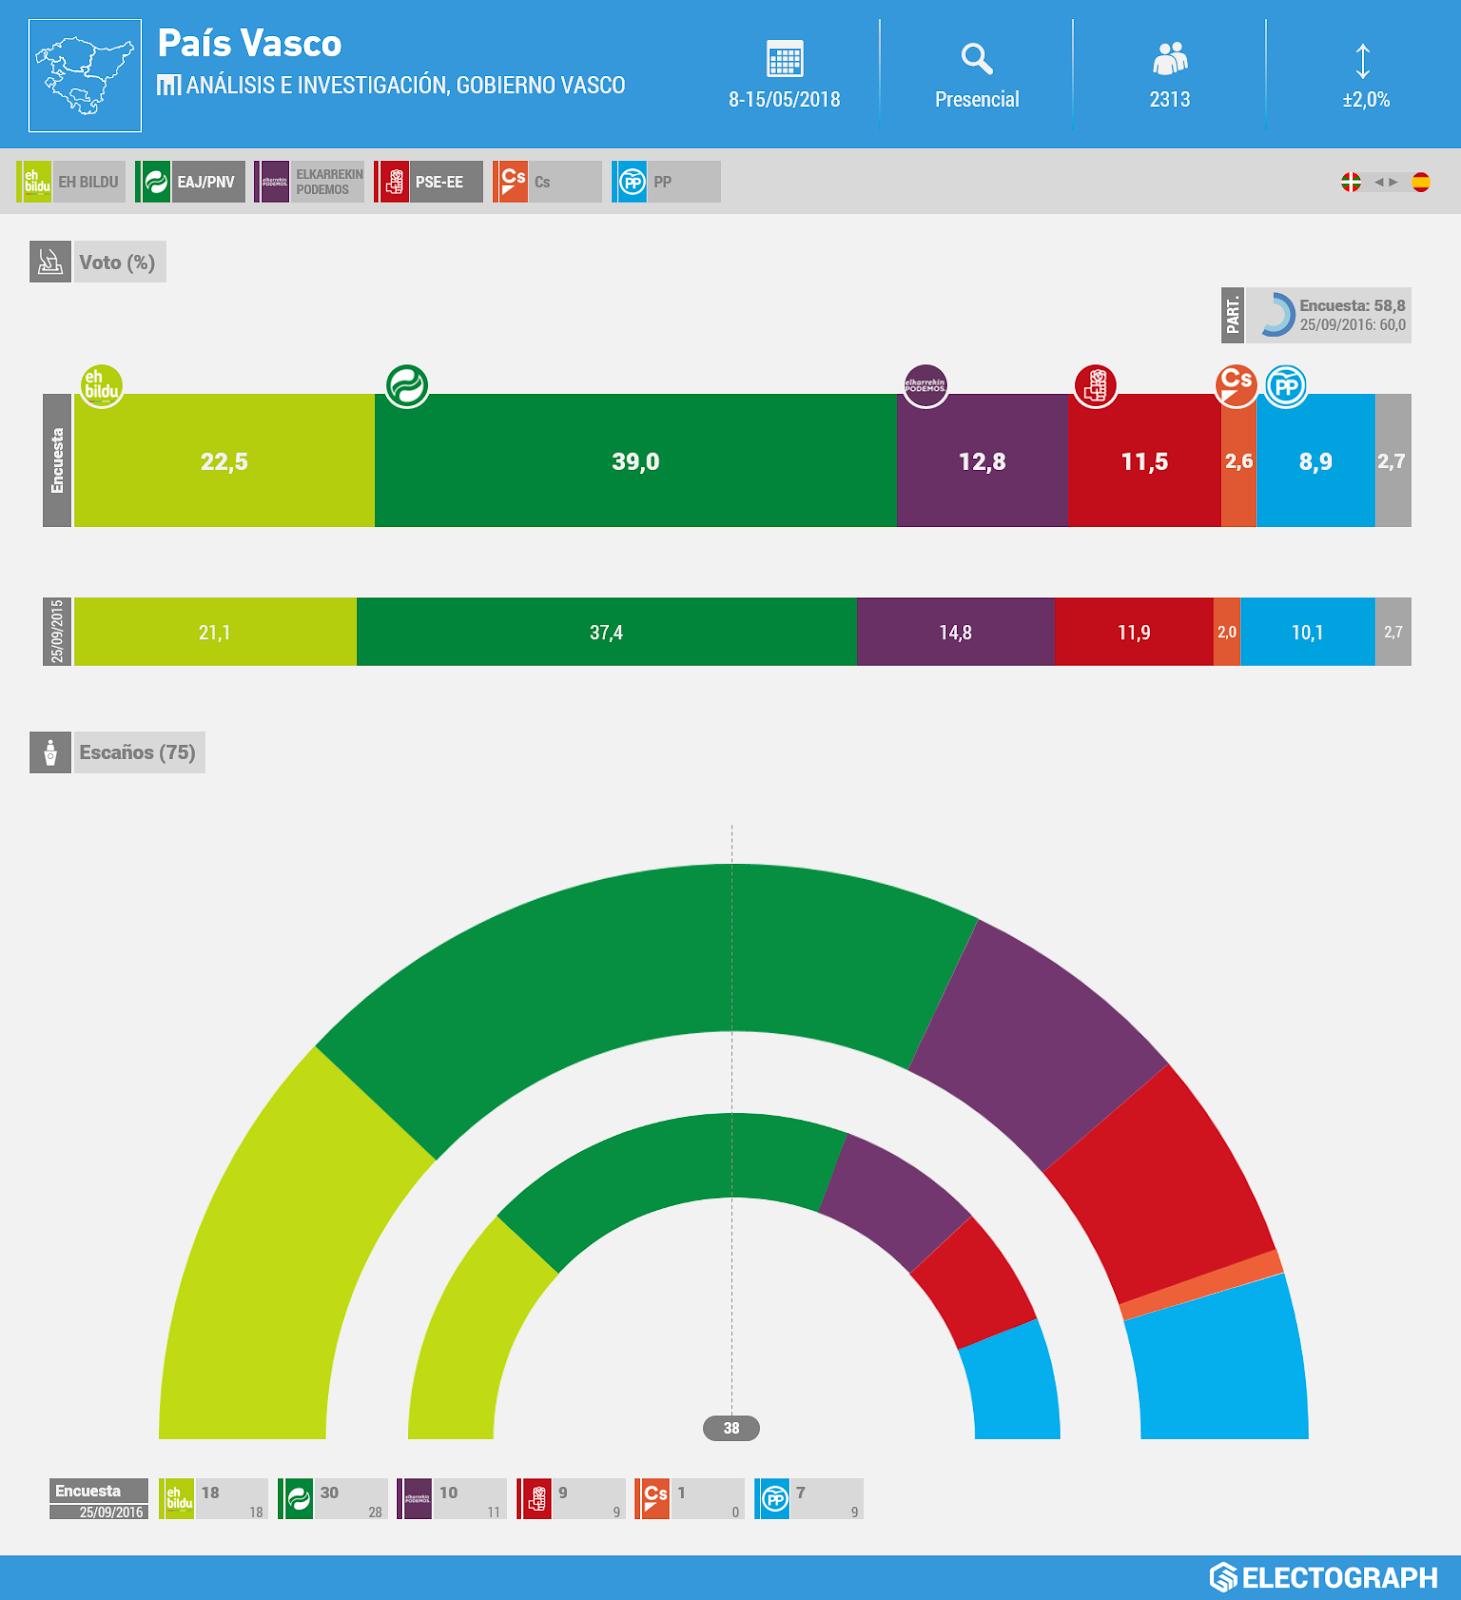 Gráfico de la encuesta para elecciones autonómicas en el País Vasco realizada por Análisis e Investigación y el Gabinete de Prospección Sociológica del Gobierno Vasco (Sociómetro) en mayo de 2018